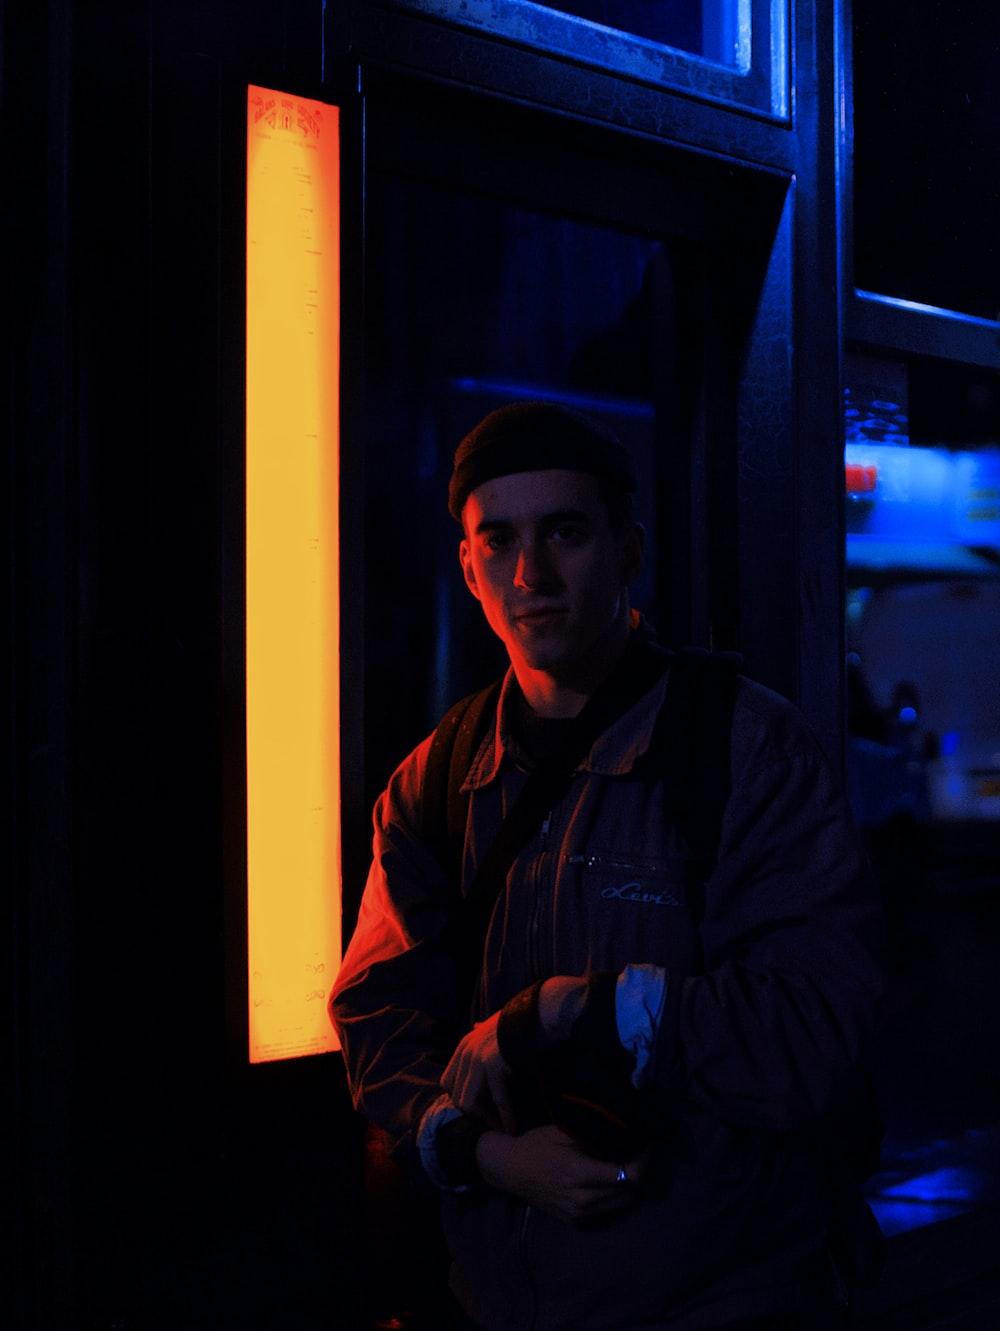 man standing beside street light